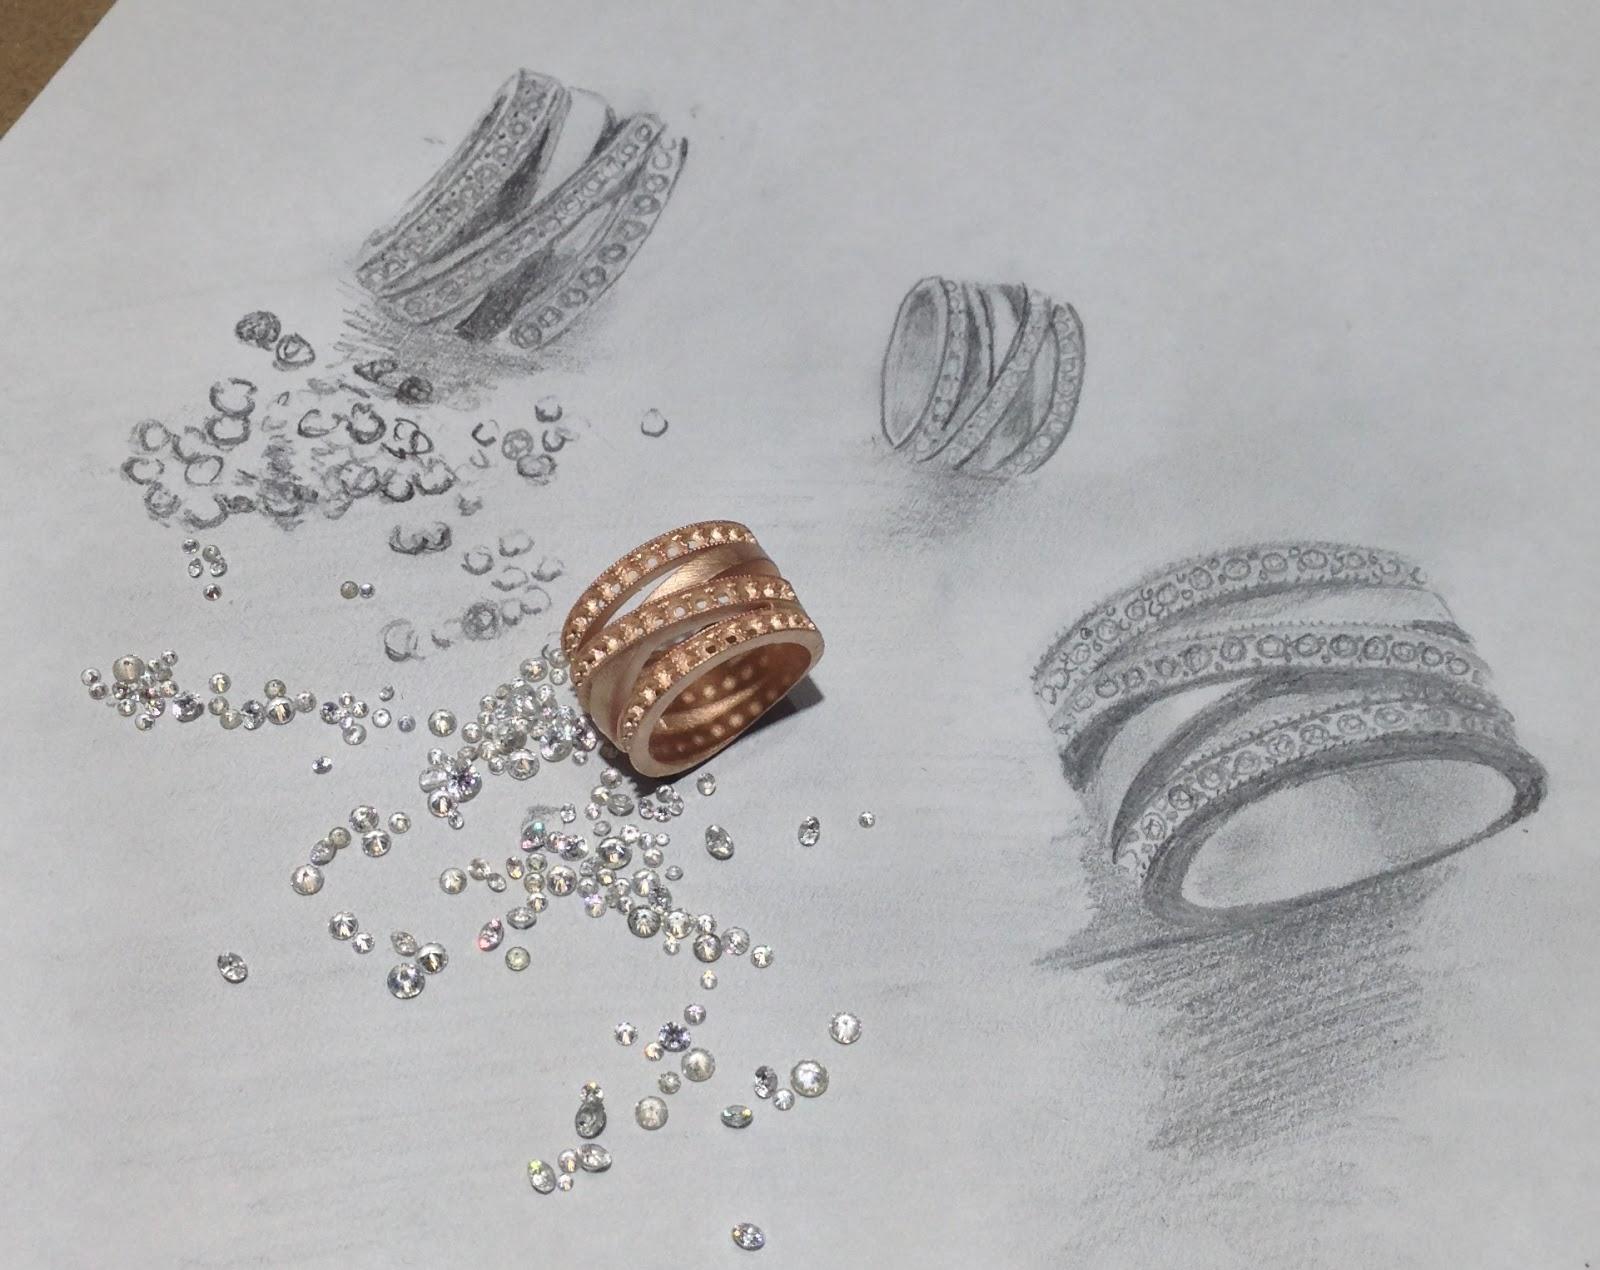 CUSTOM DESIGN JEWELRY PROCESS at OKG JEWELRY OKG Jewelry